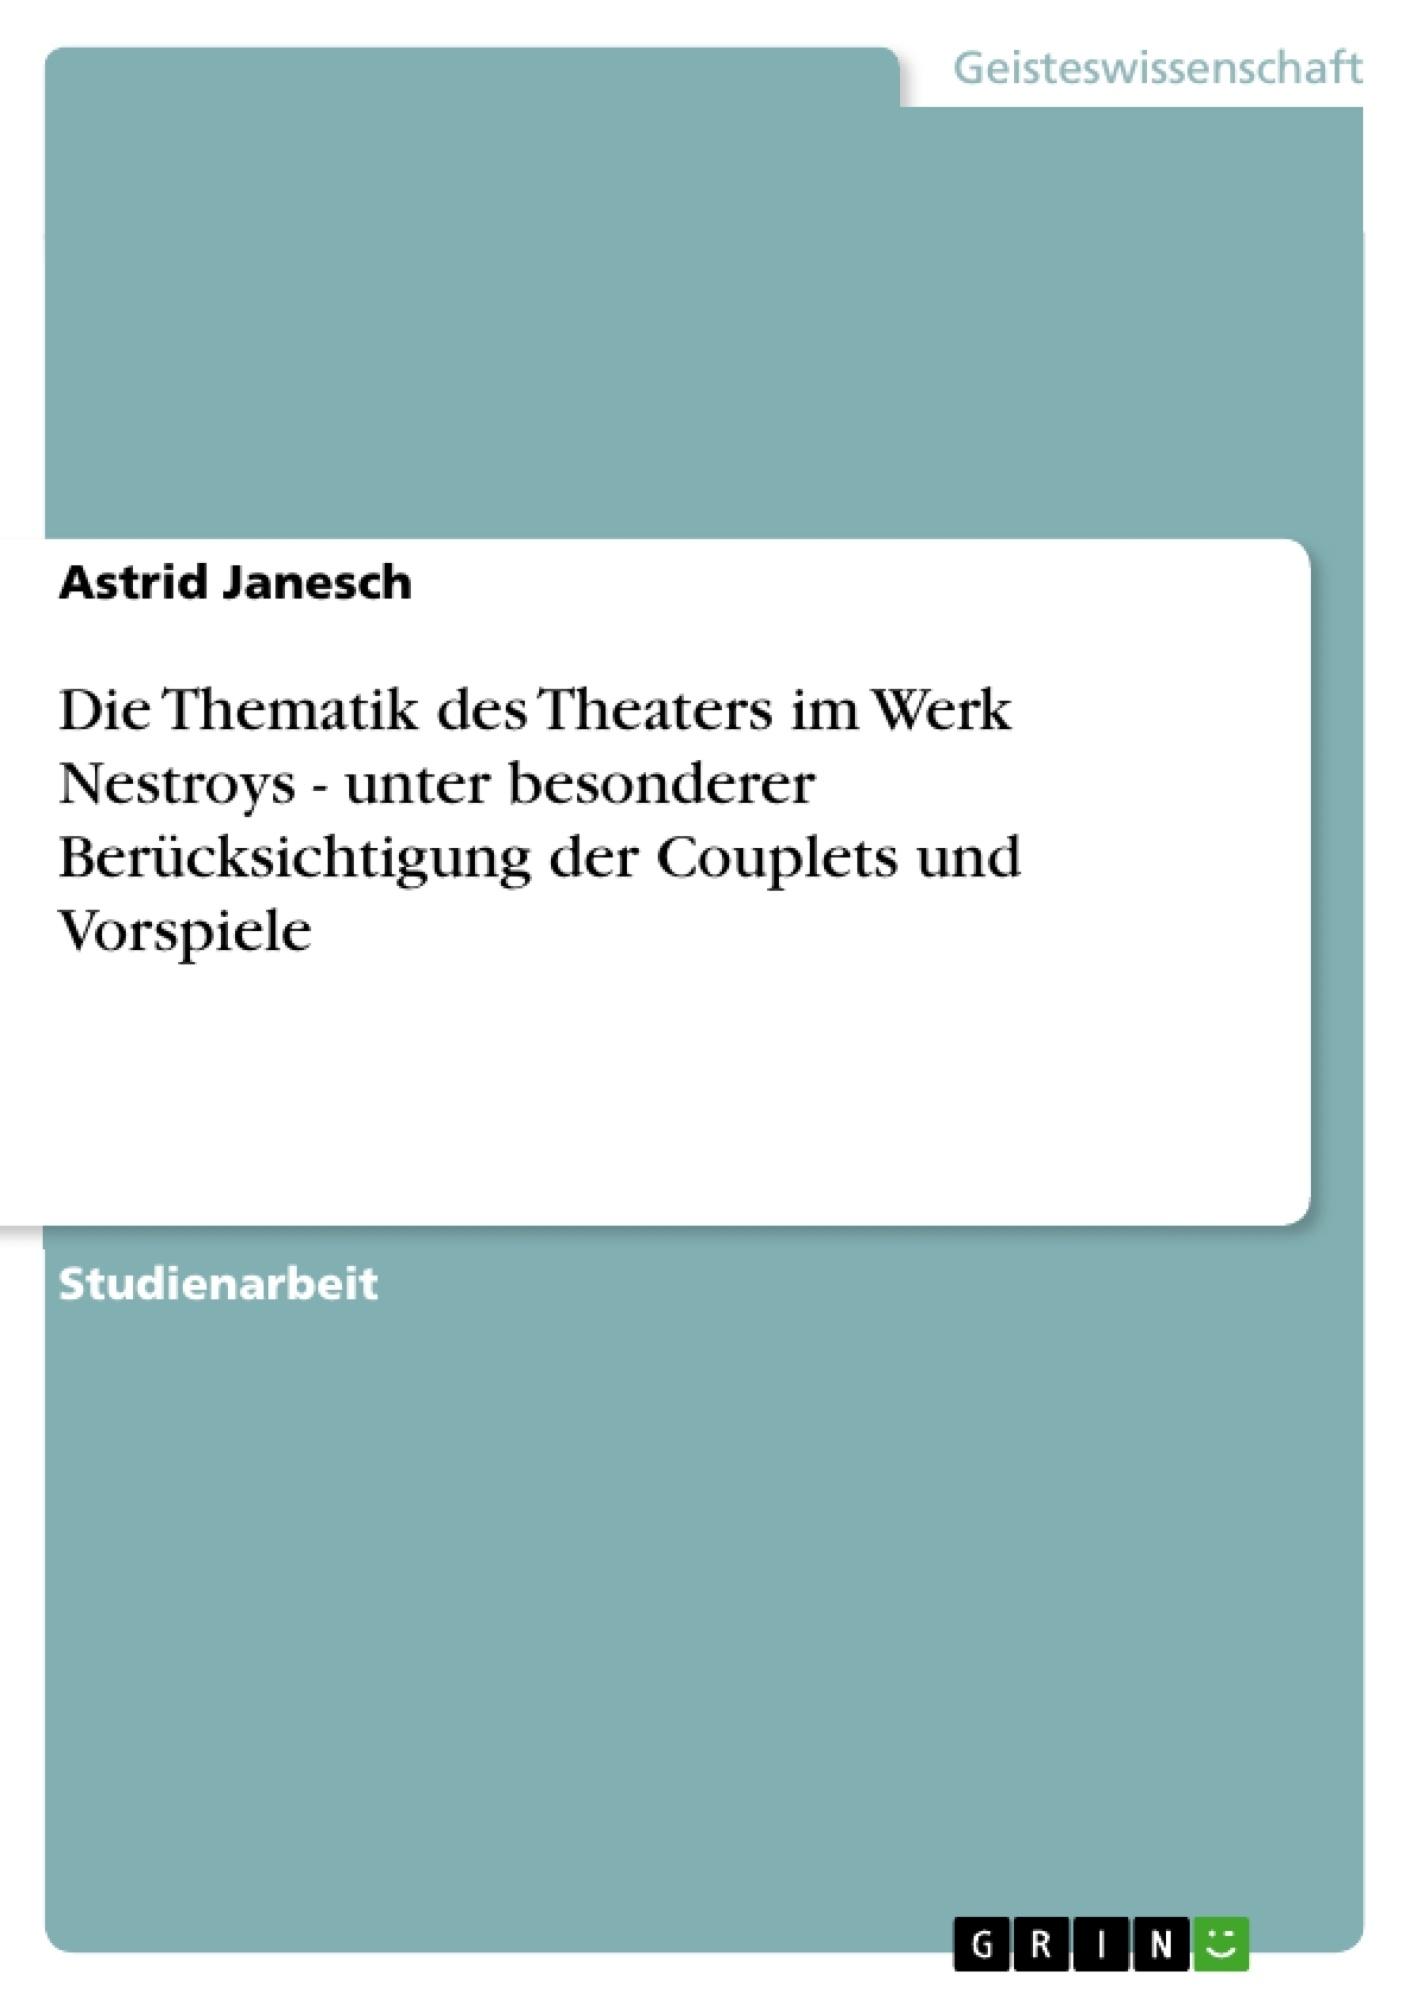 Titel: Die Thematik des Theaters im Werk Nestroys - unter besonderer Berücksichtigung der Couplets und Vorspiele